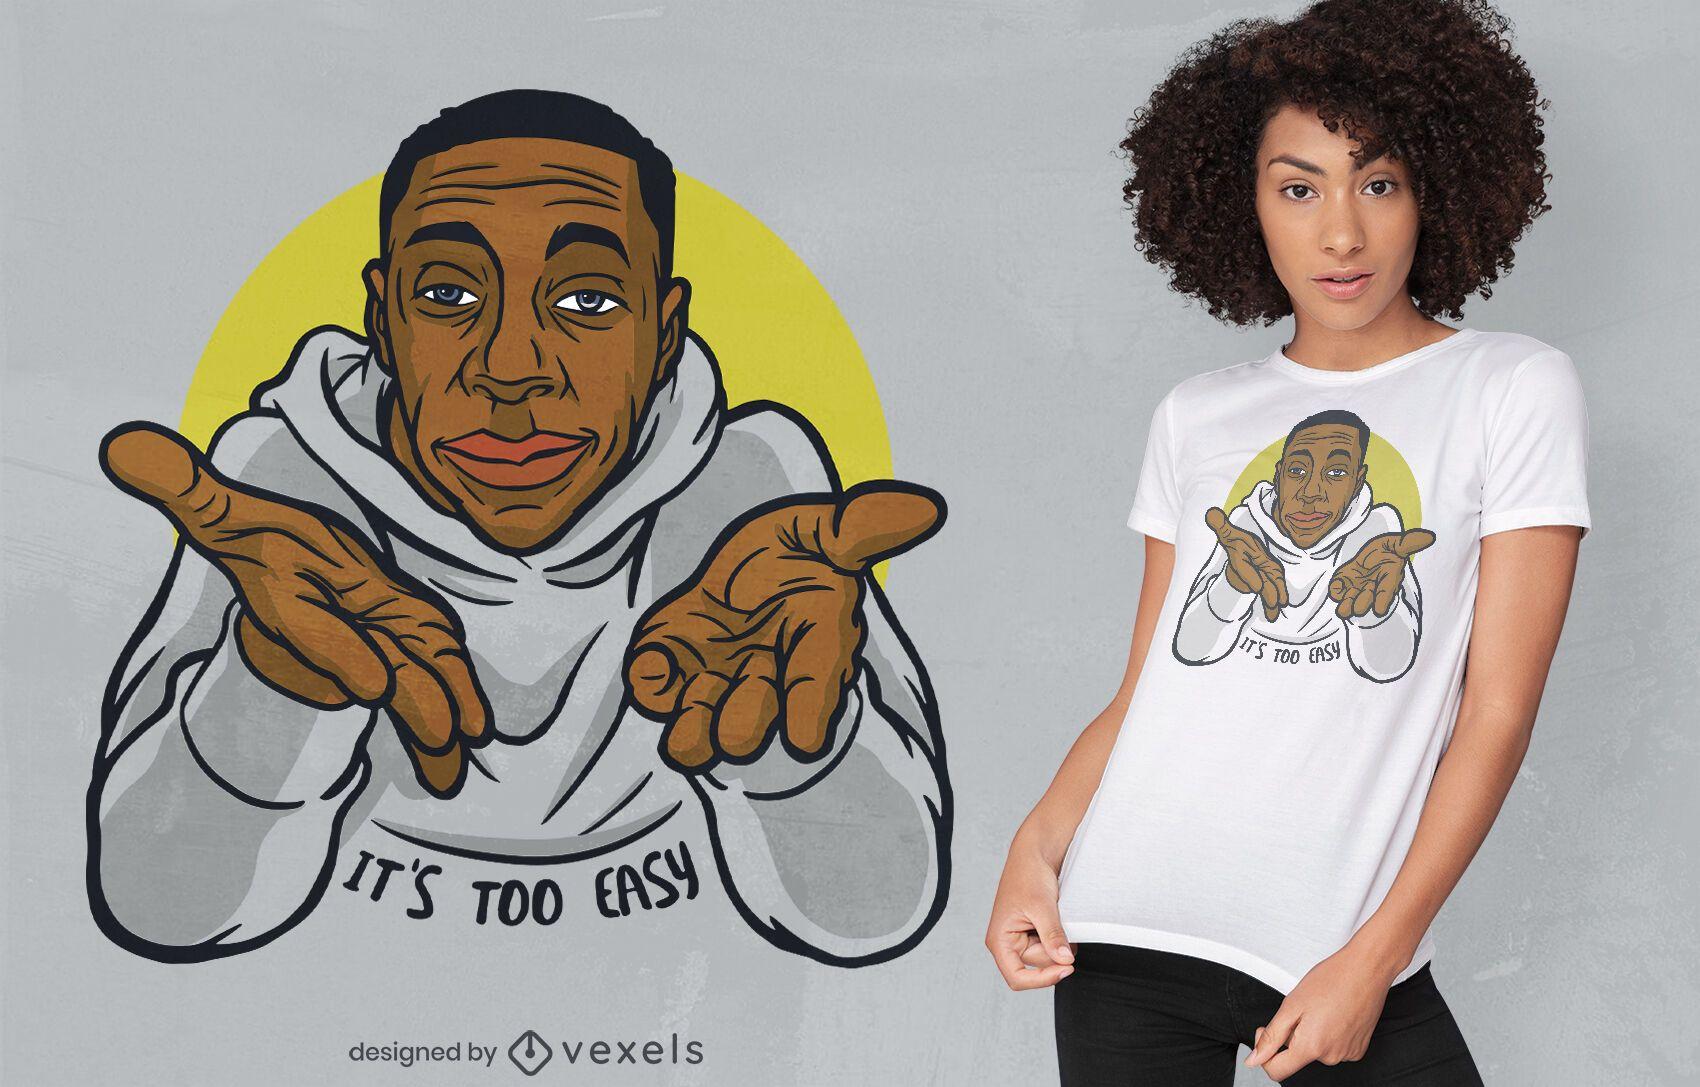 Easy solution meme parody t-shirt design